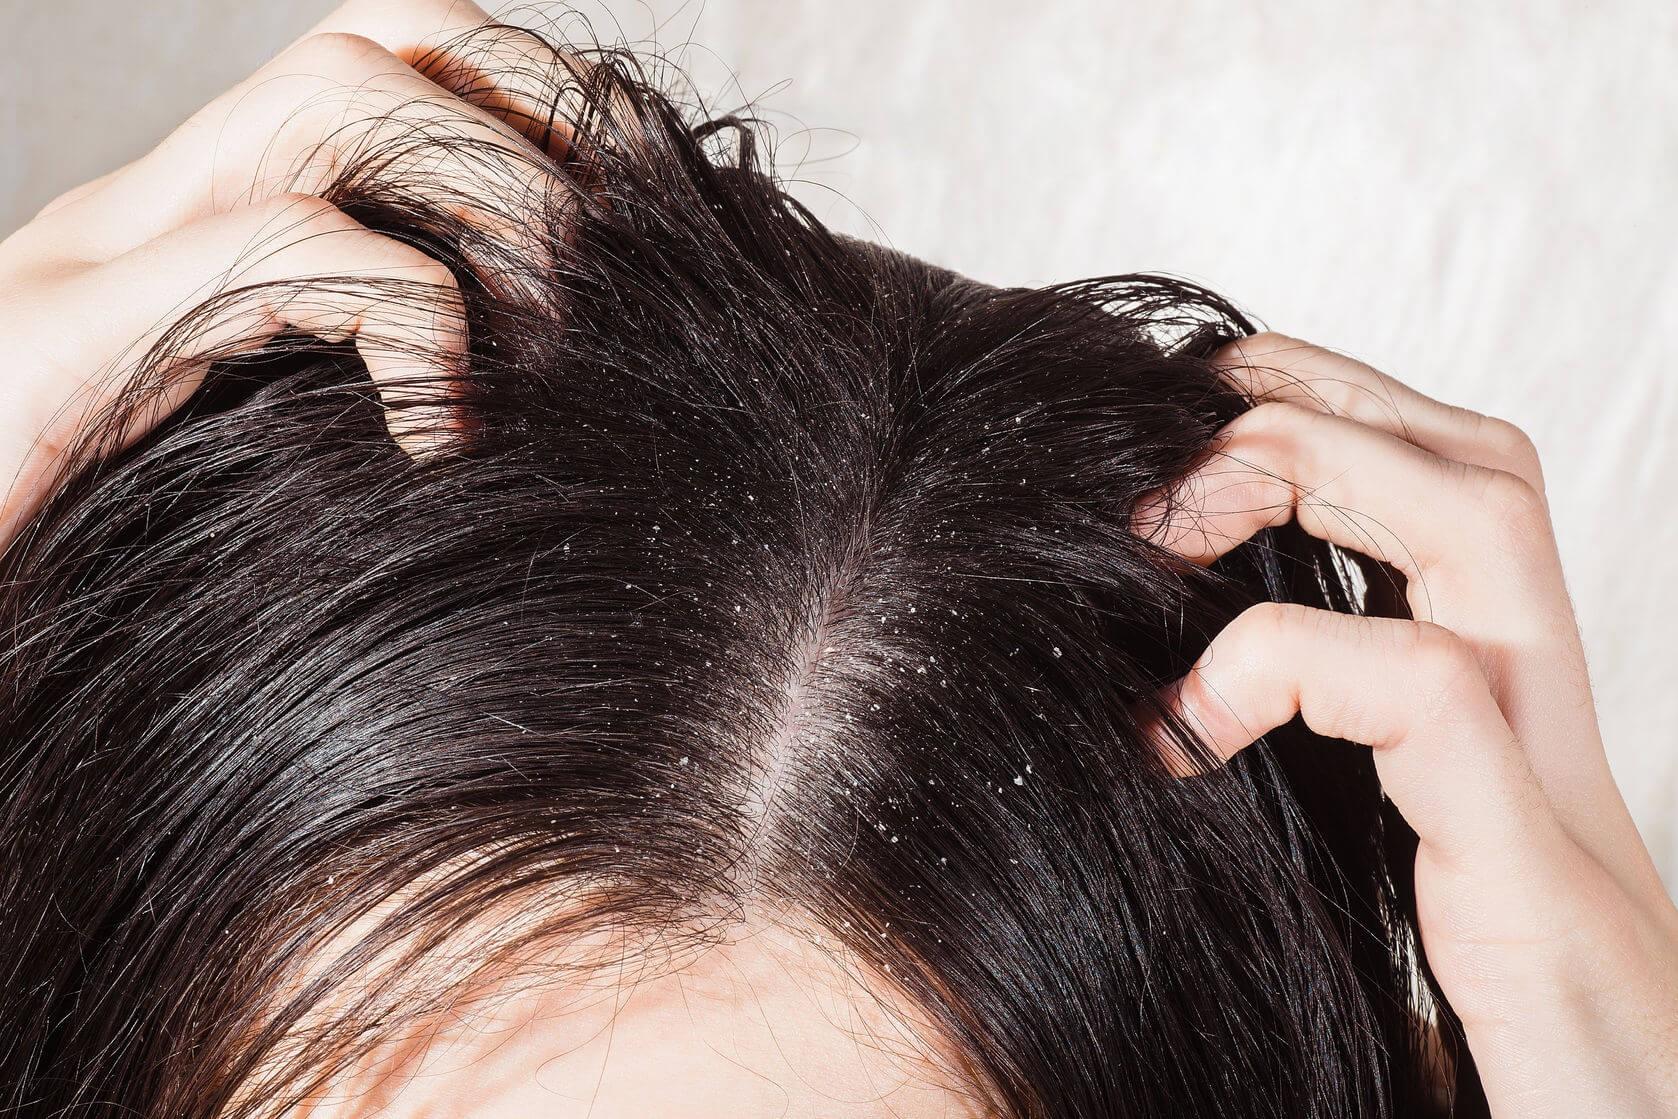 Để tóc ướt đi ngủ, bạn có thể gặp phải vô số tác hại ảnh hưởng nghiêm trọng tới sức khỏe - Ảnh 6.